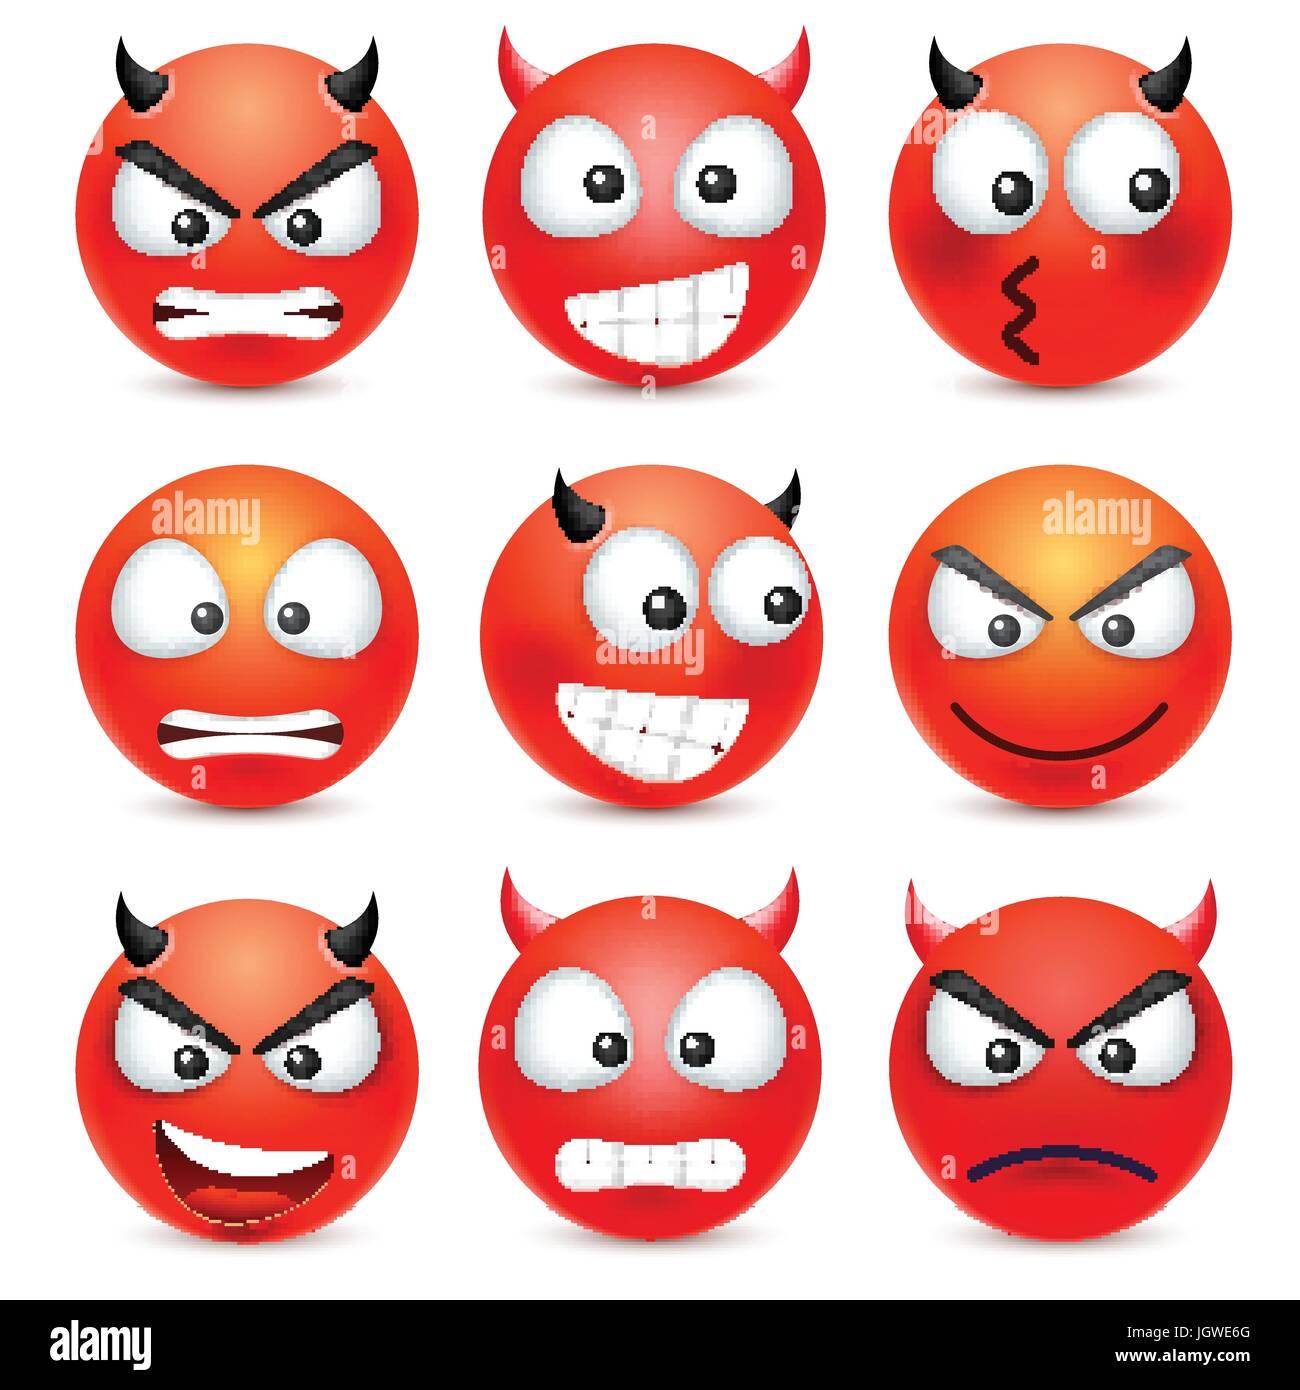 Smileyjuego De Emoticonos Cara Roja Con Las Emociones La